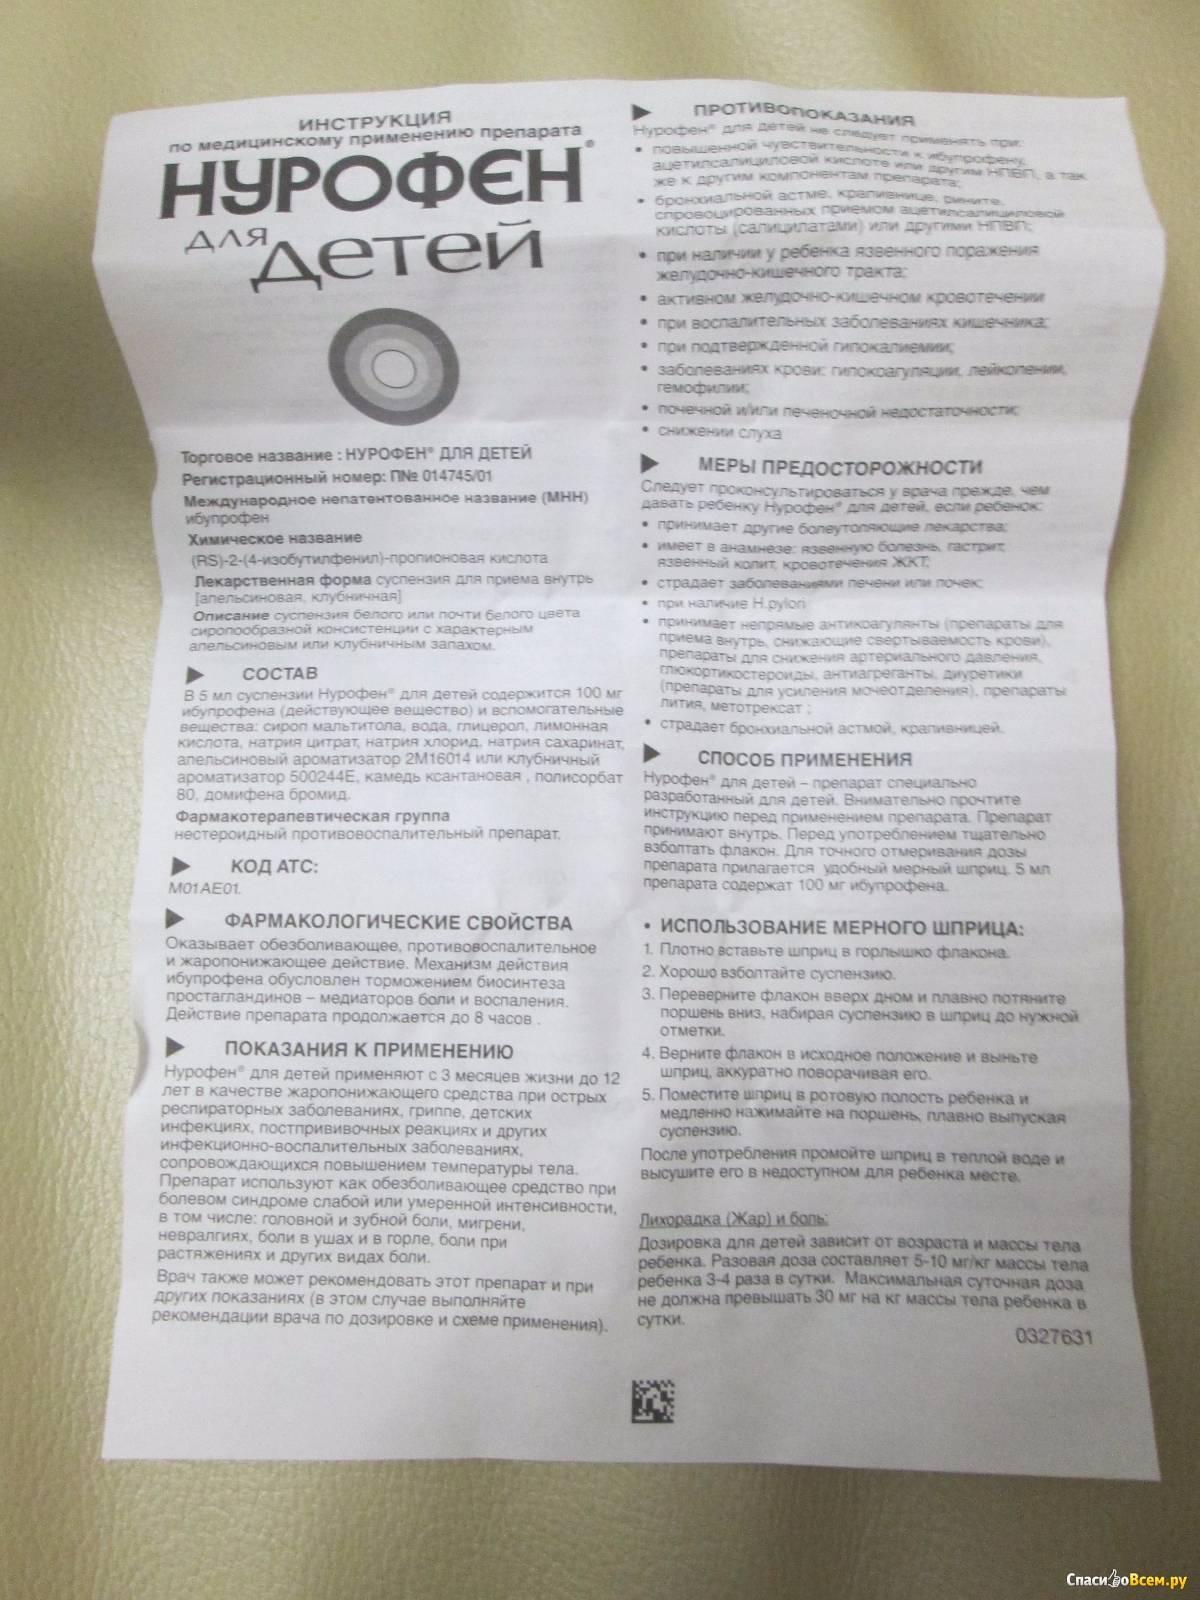 Инструкция по применению свечей нурофен для ребенка